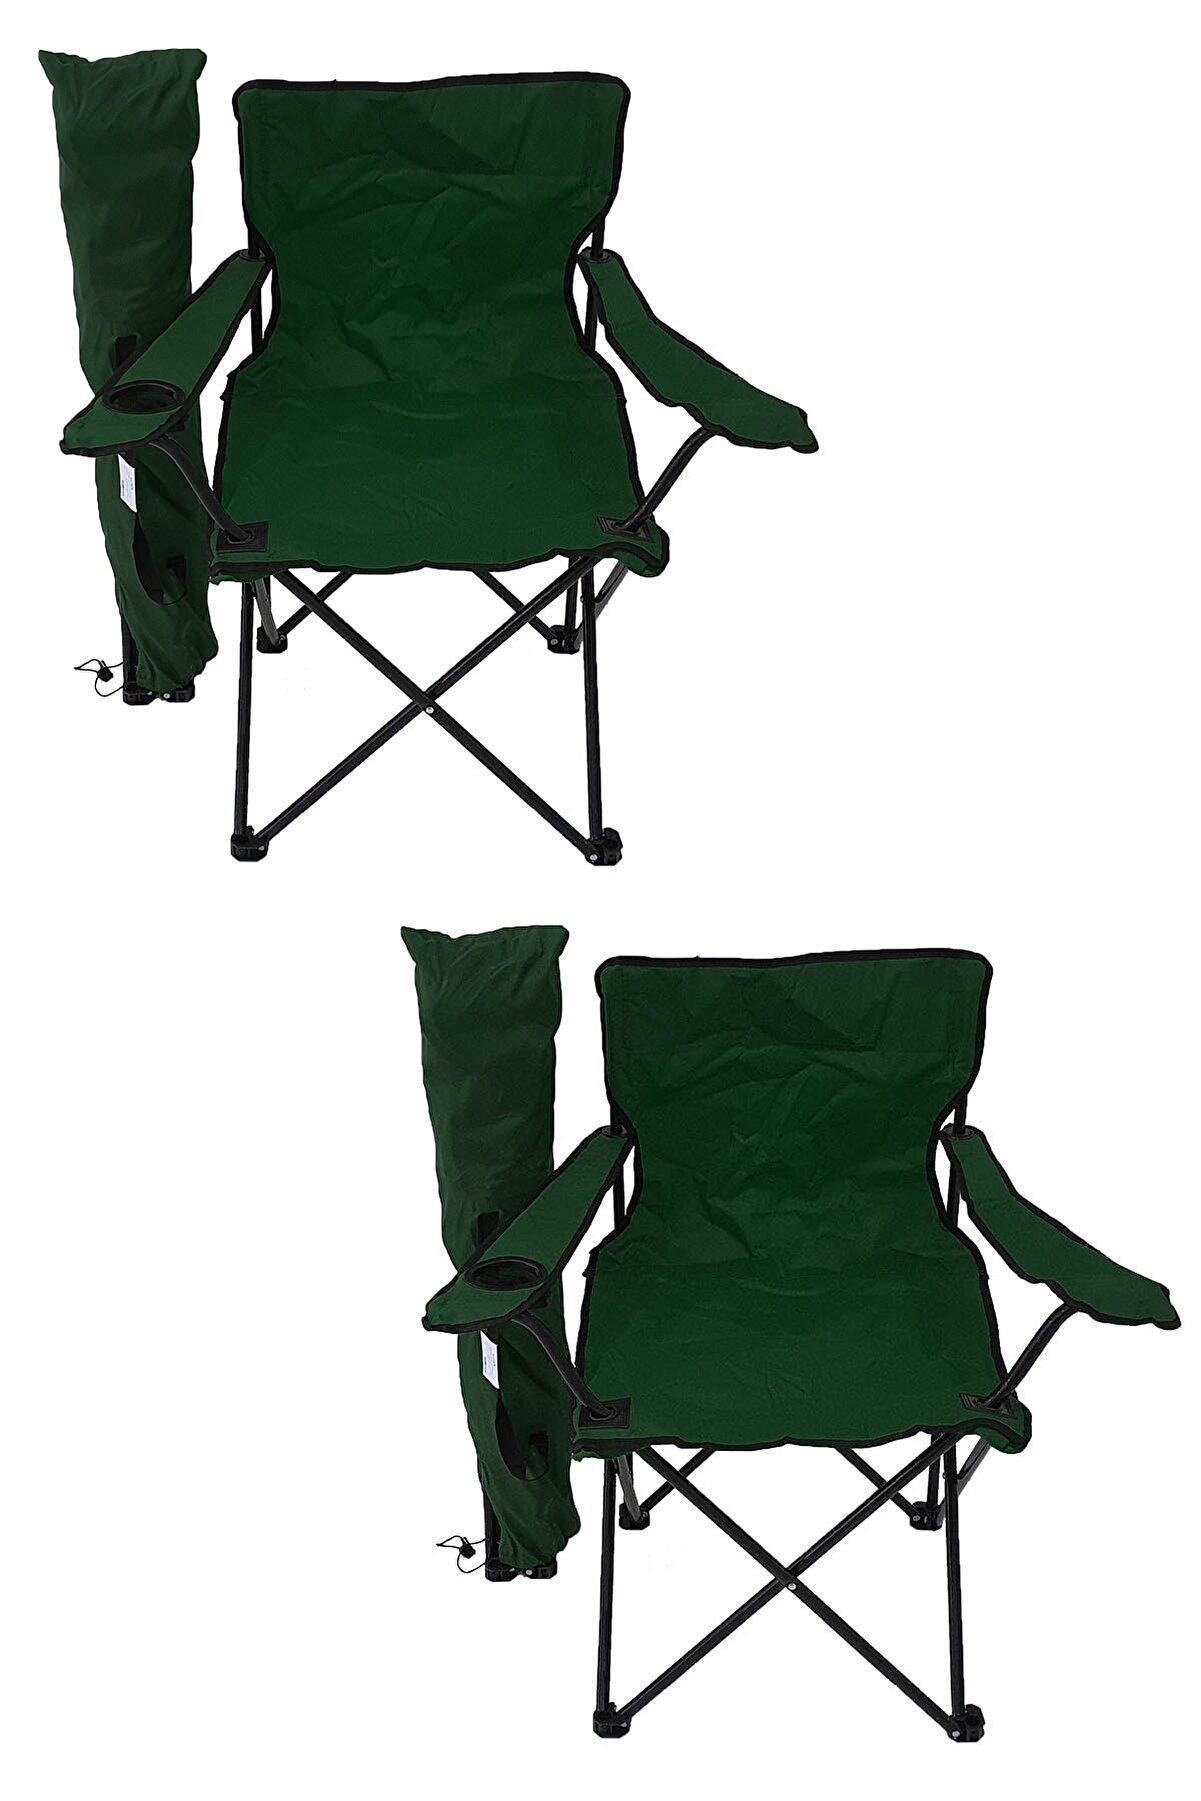 Bofigo 2'li Kamp Sandalyesi Piknik Sandalyesi Katlanır Sandalye Taşıma Çantalı Kamp Sandalyesi Yeşil.